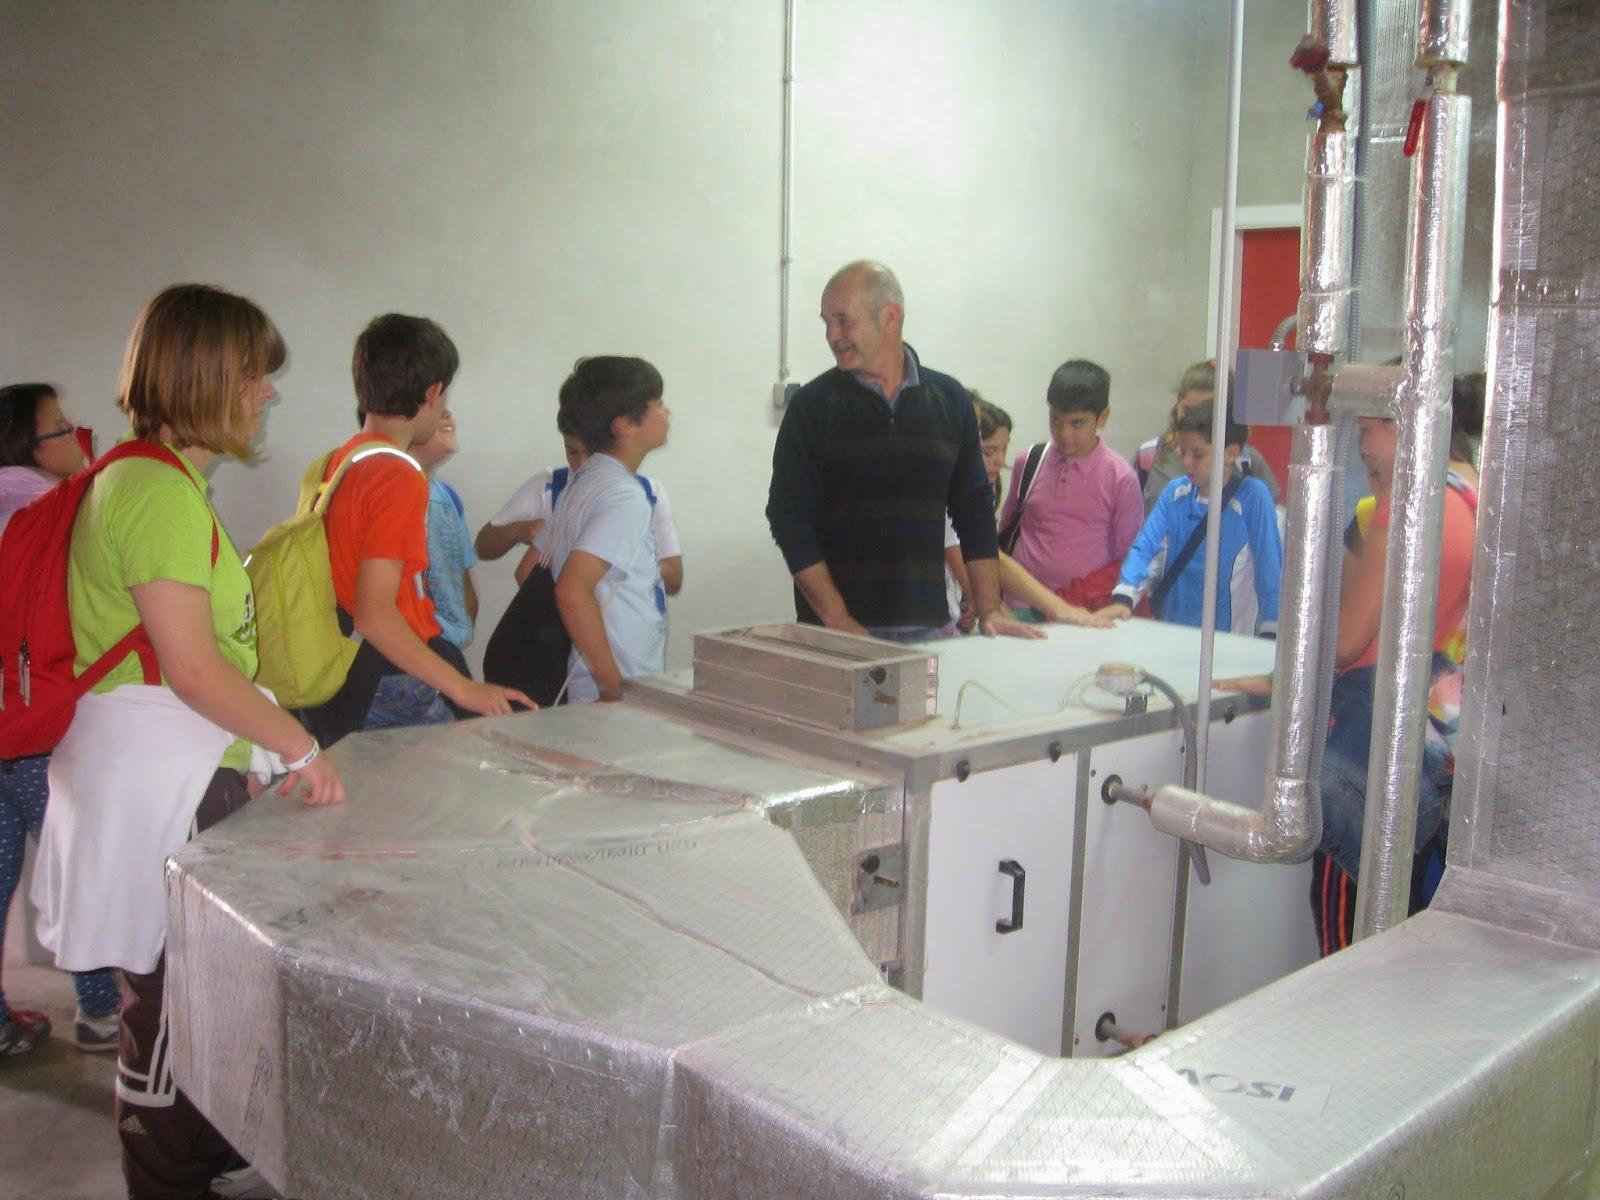 Ceip santa ana madridejos visita a la piscina cubierta for Piscina cubierta madridejos